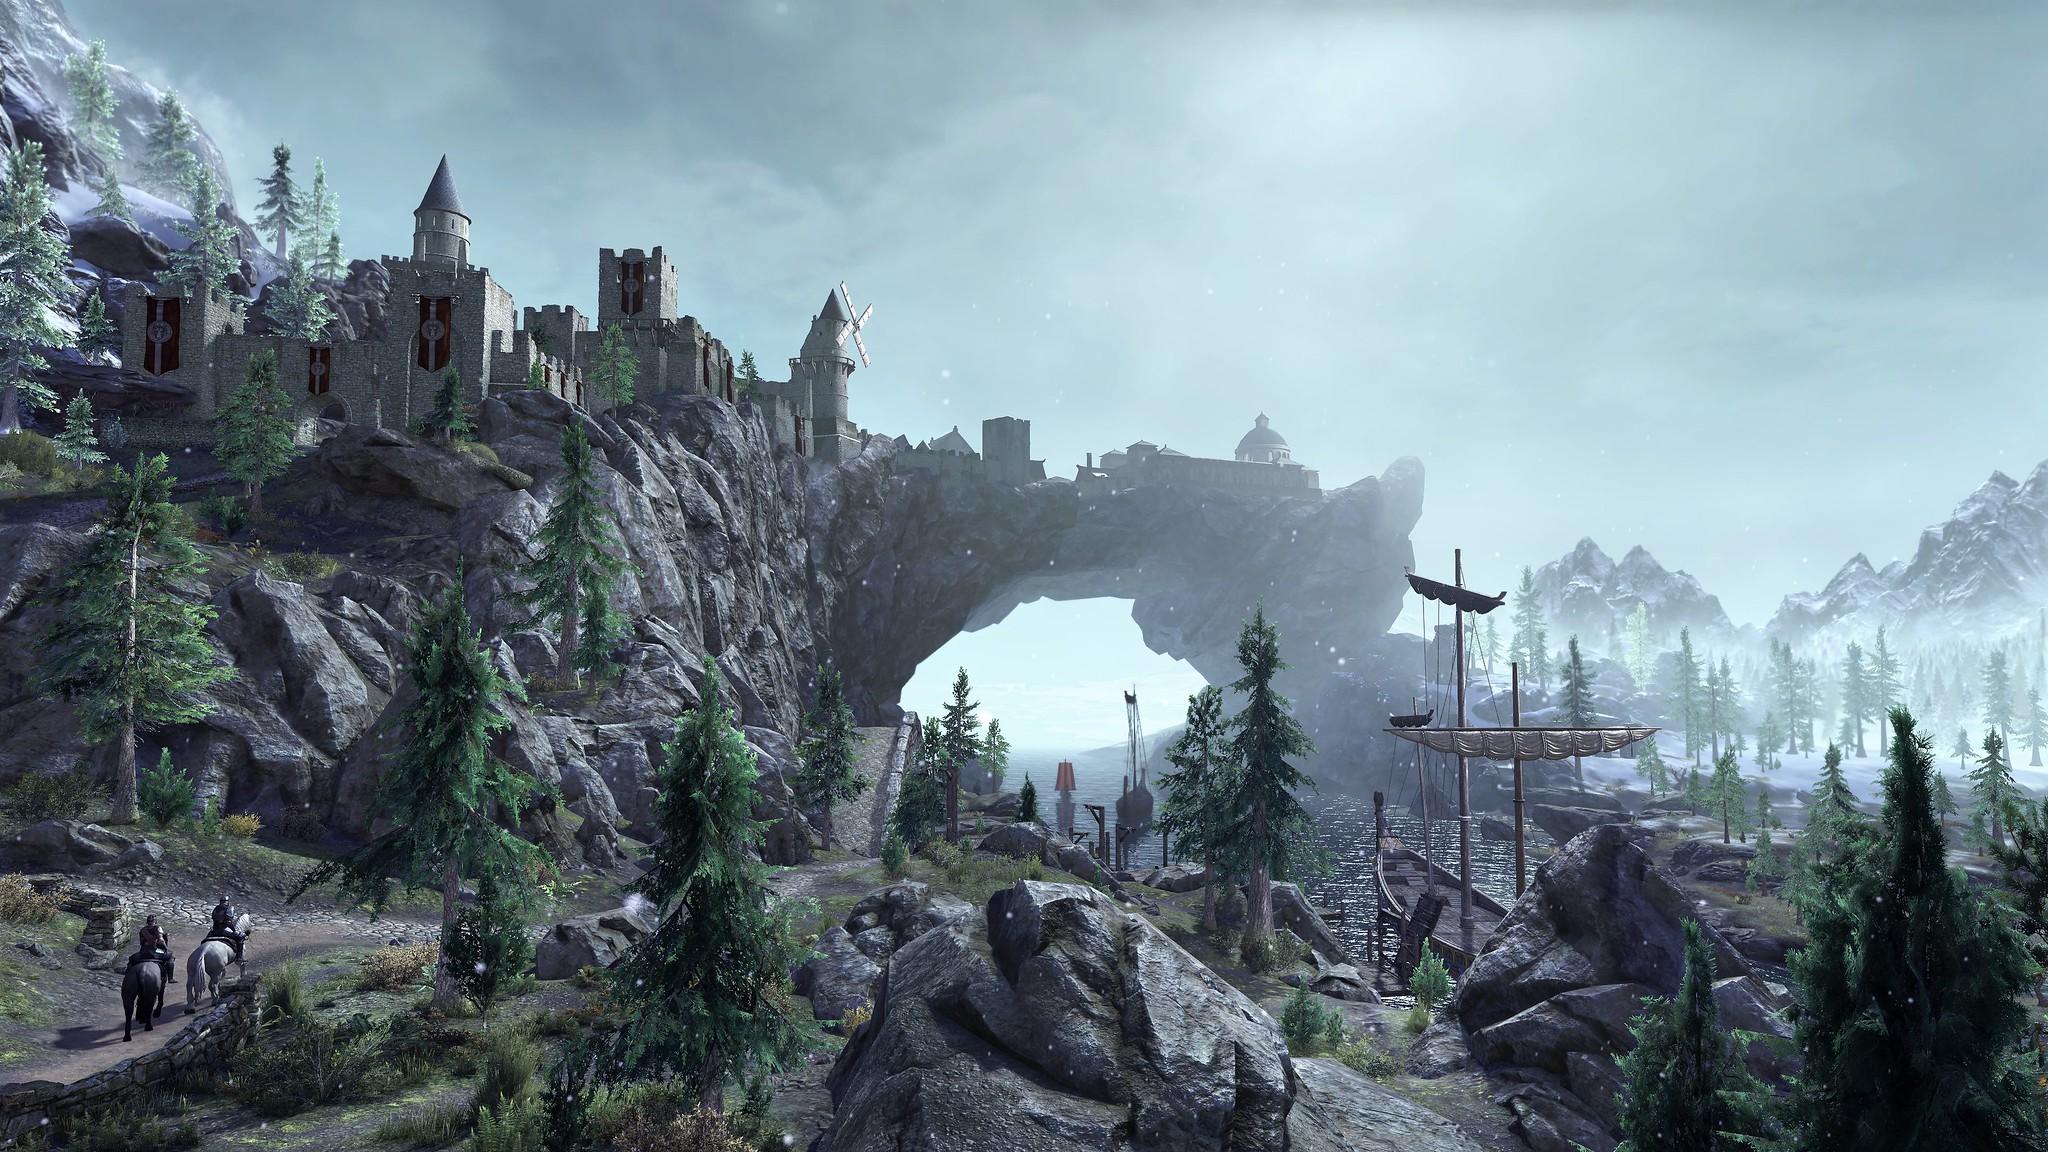 Escenario de TESO en Dark Heart of Skyrim